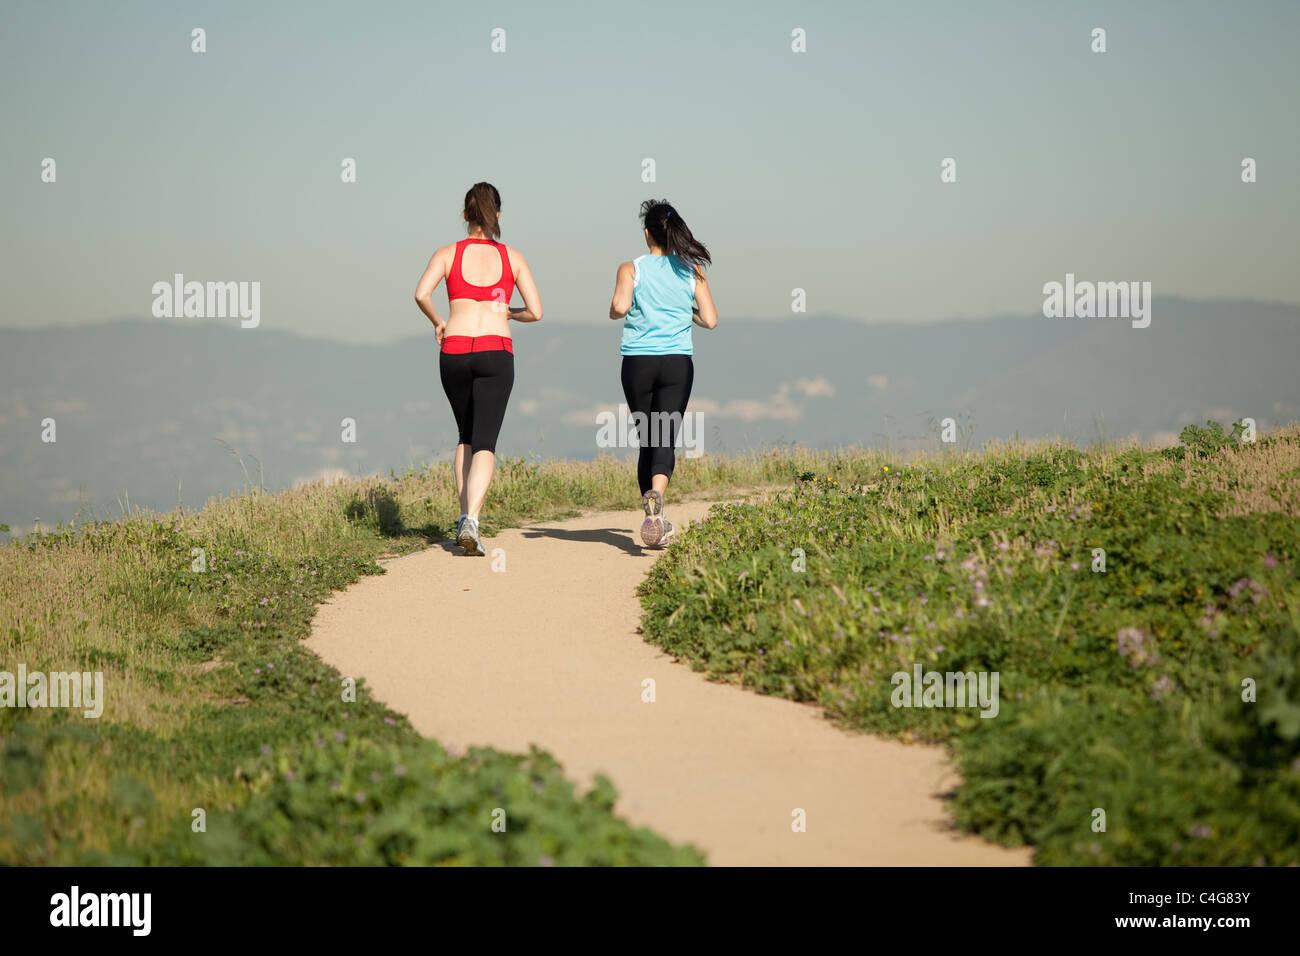 zwei sportliche Frauen in Trainingskleidung, läuft auf einer unbefestigten Weg durch die Natur in der Tageszeit Stockbild